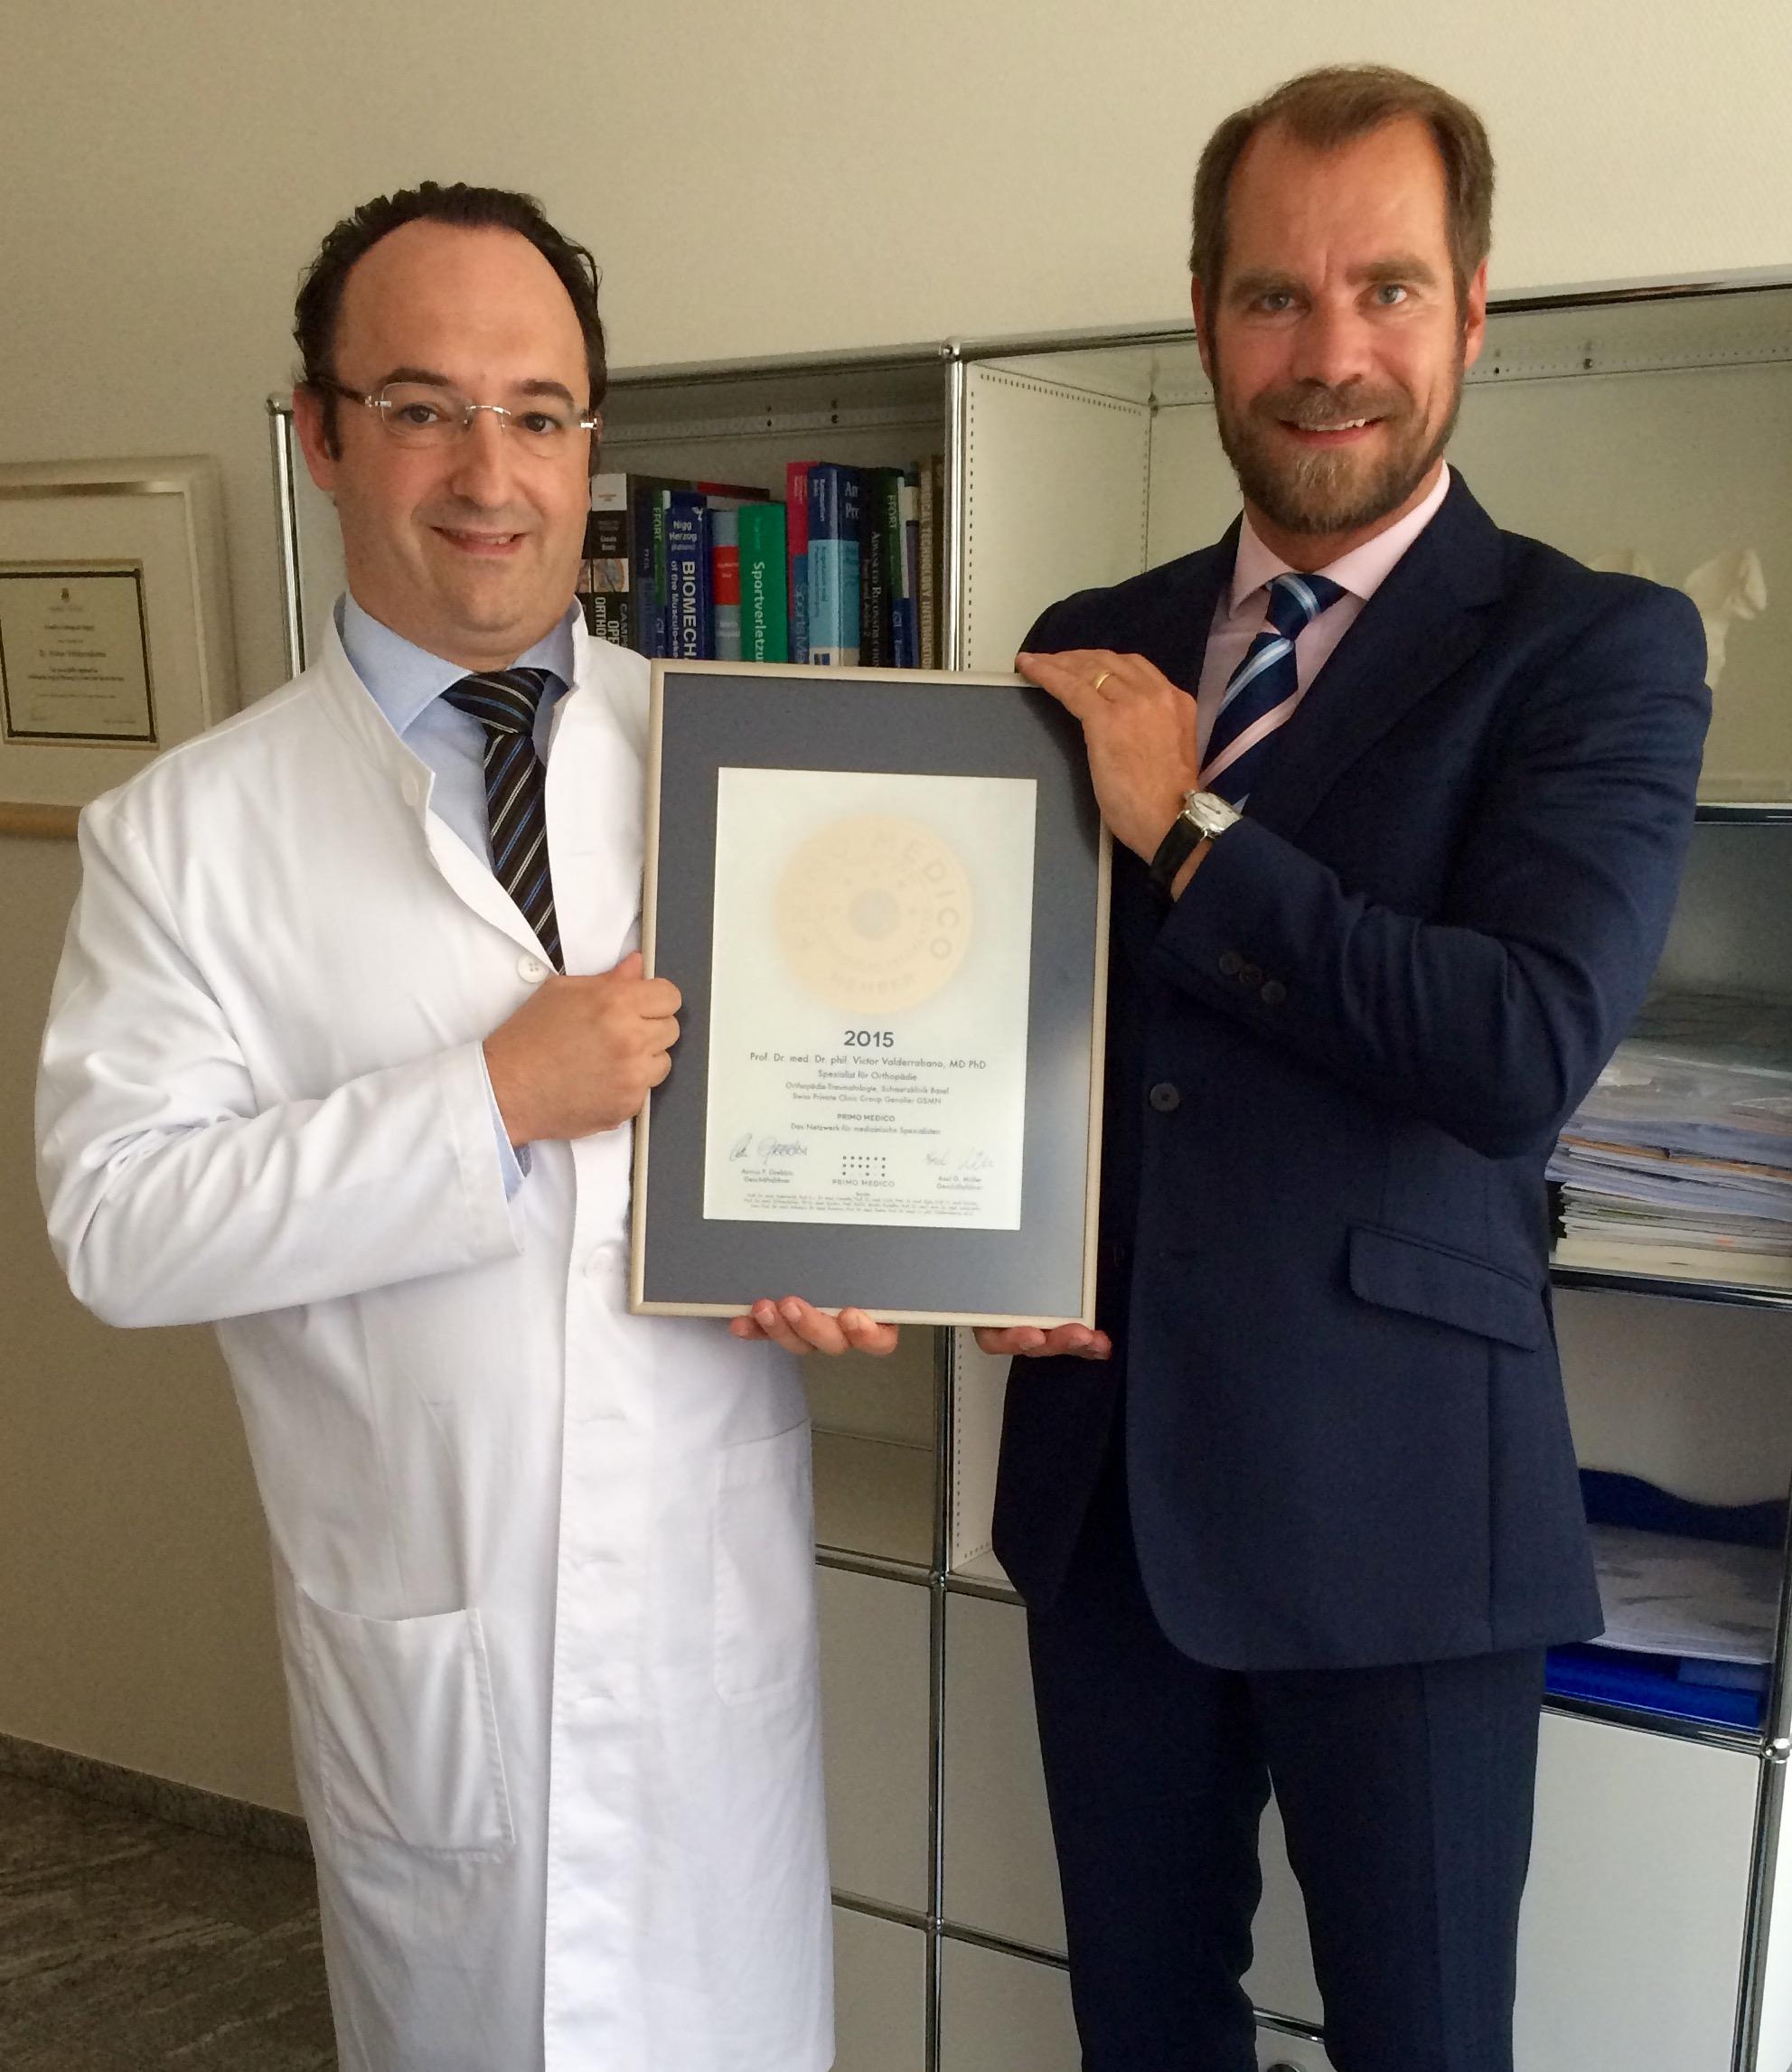 Übergabe des PRIMO MEDICO Siegels an Prof. Dr. Victor Valderrabano